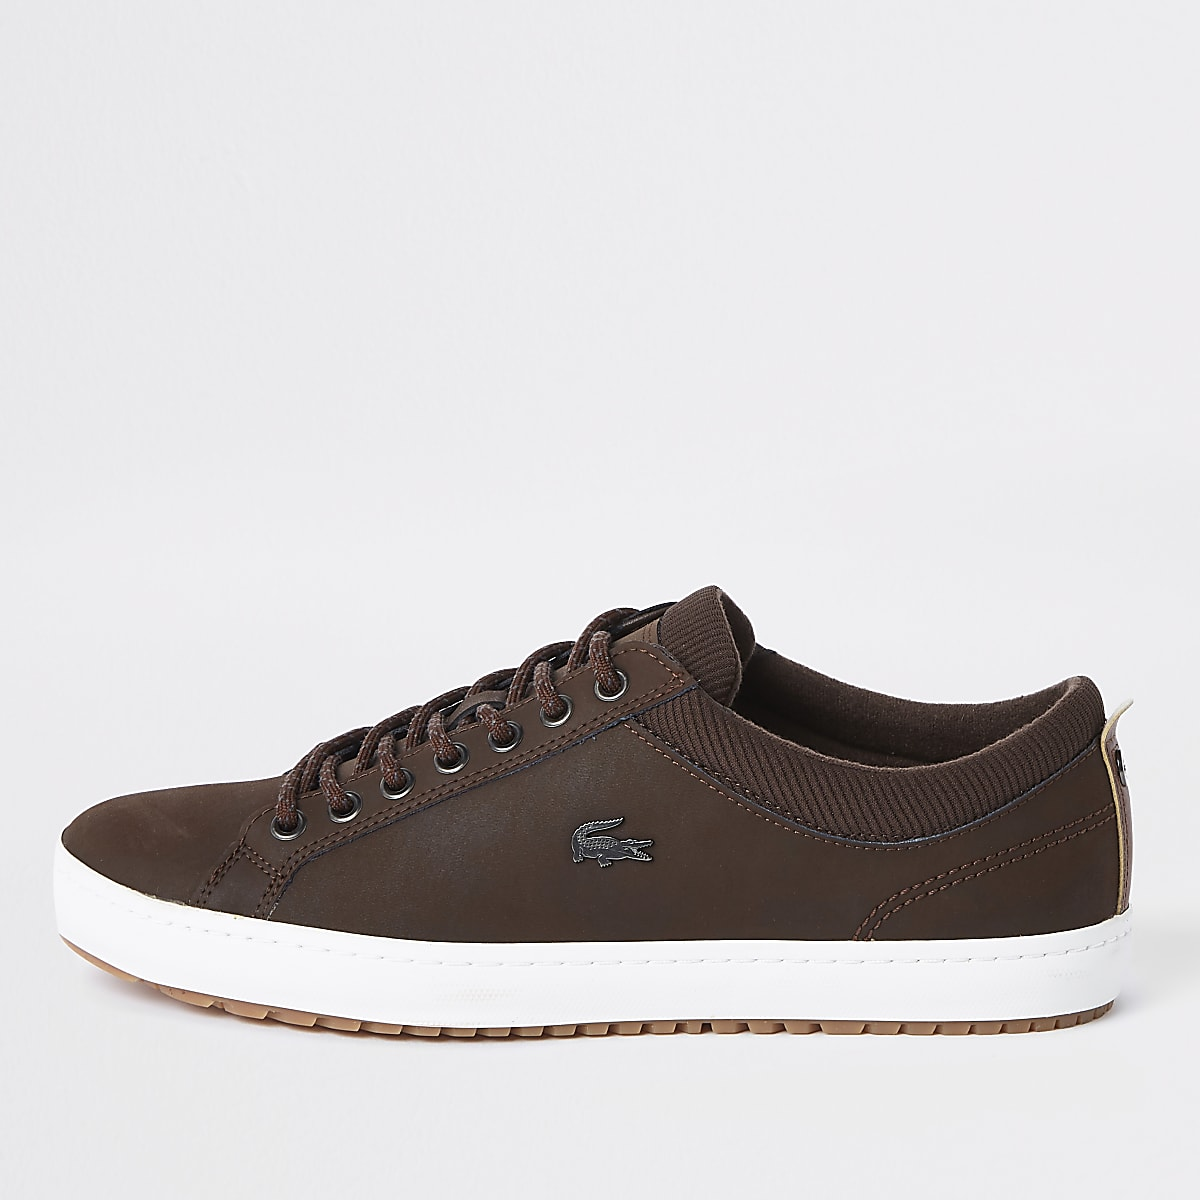 Lacoste - Bruine leren vetersneakers